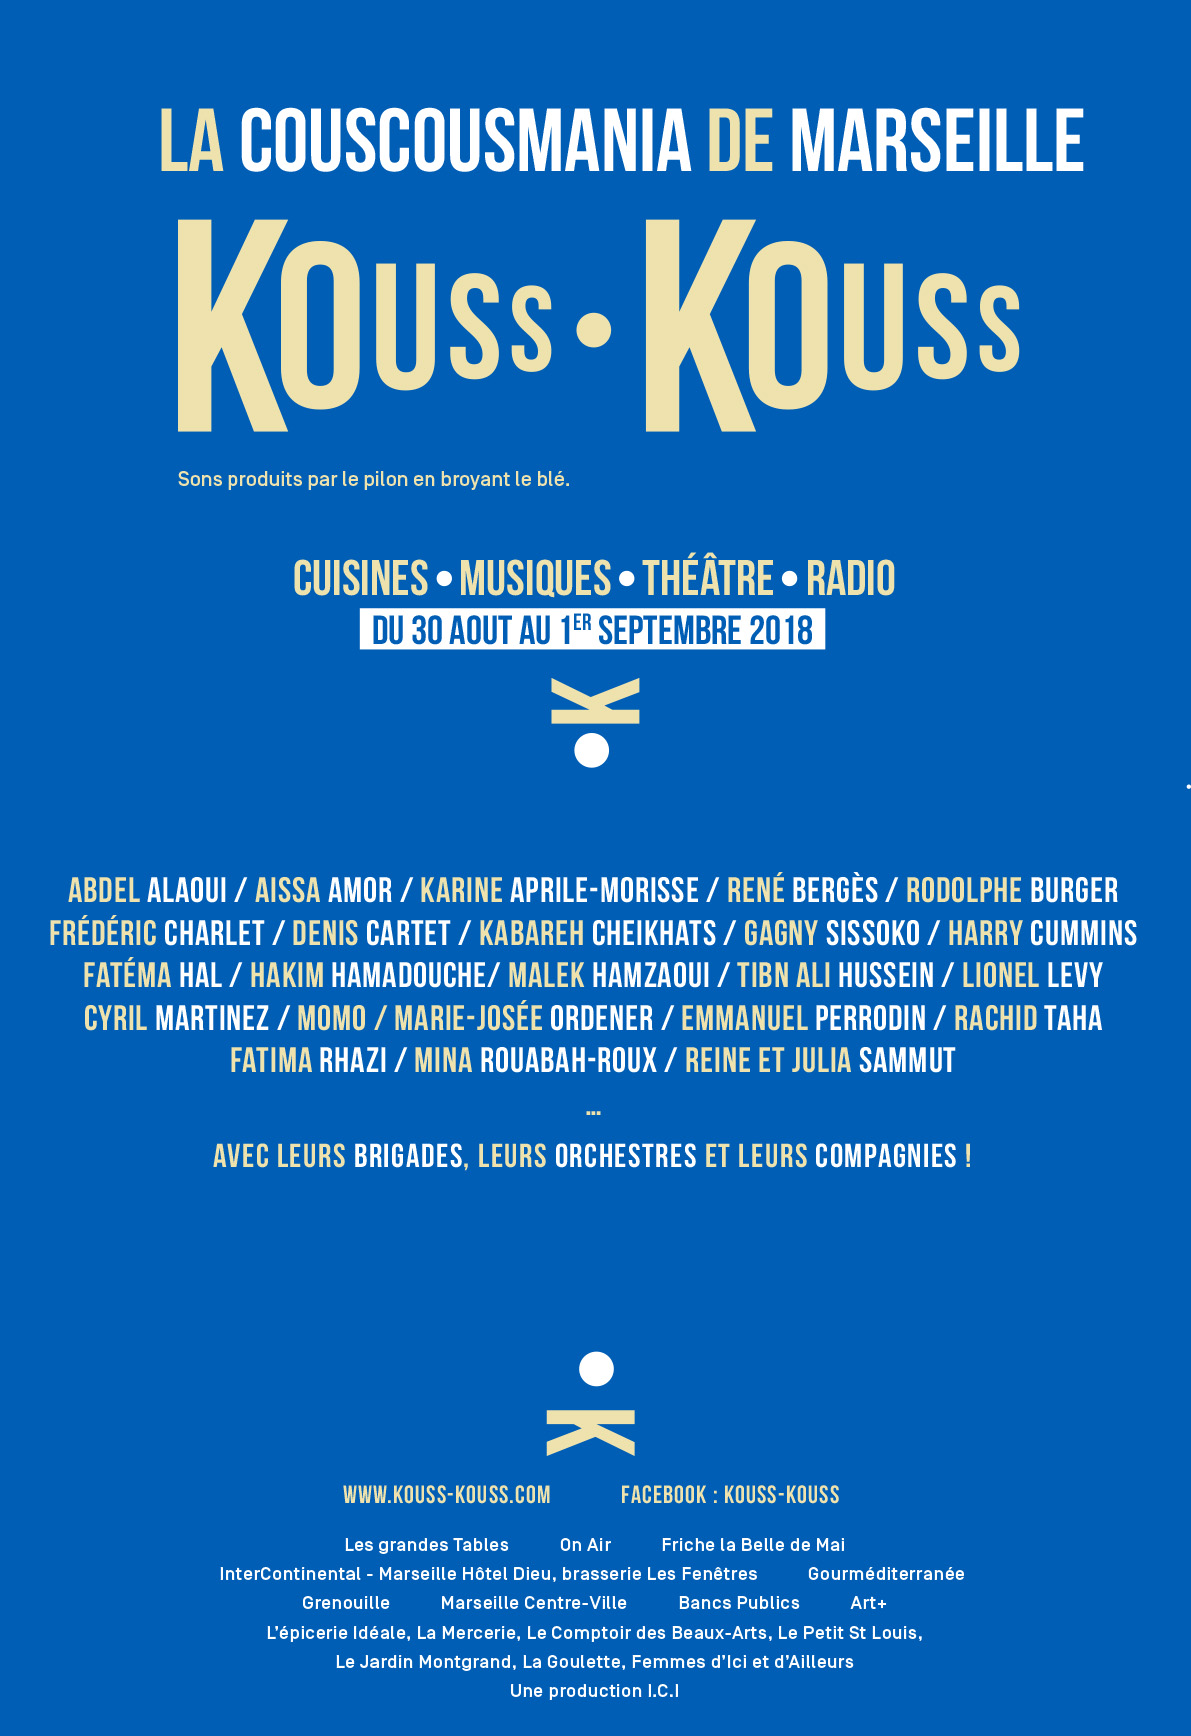 Et Si On Se Faisait Une Petite Kouss Kouss Party Avec Tous Les Amis